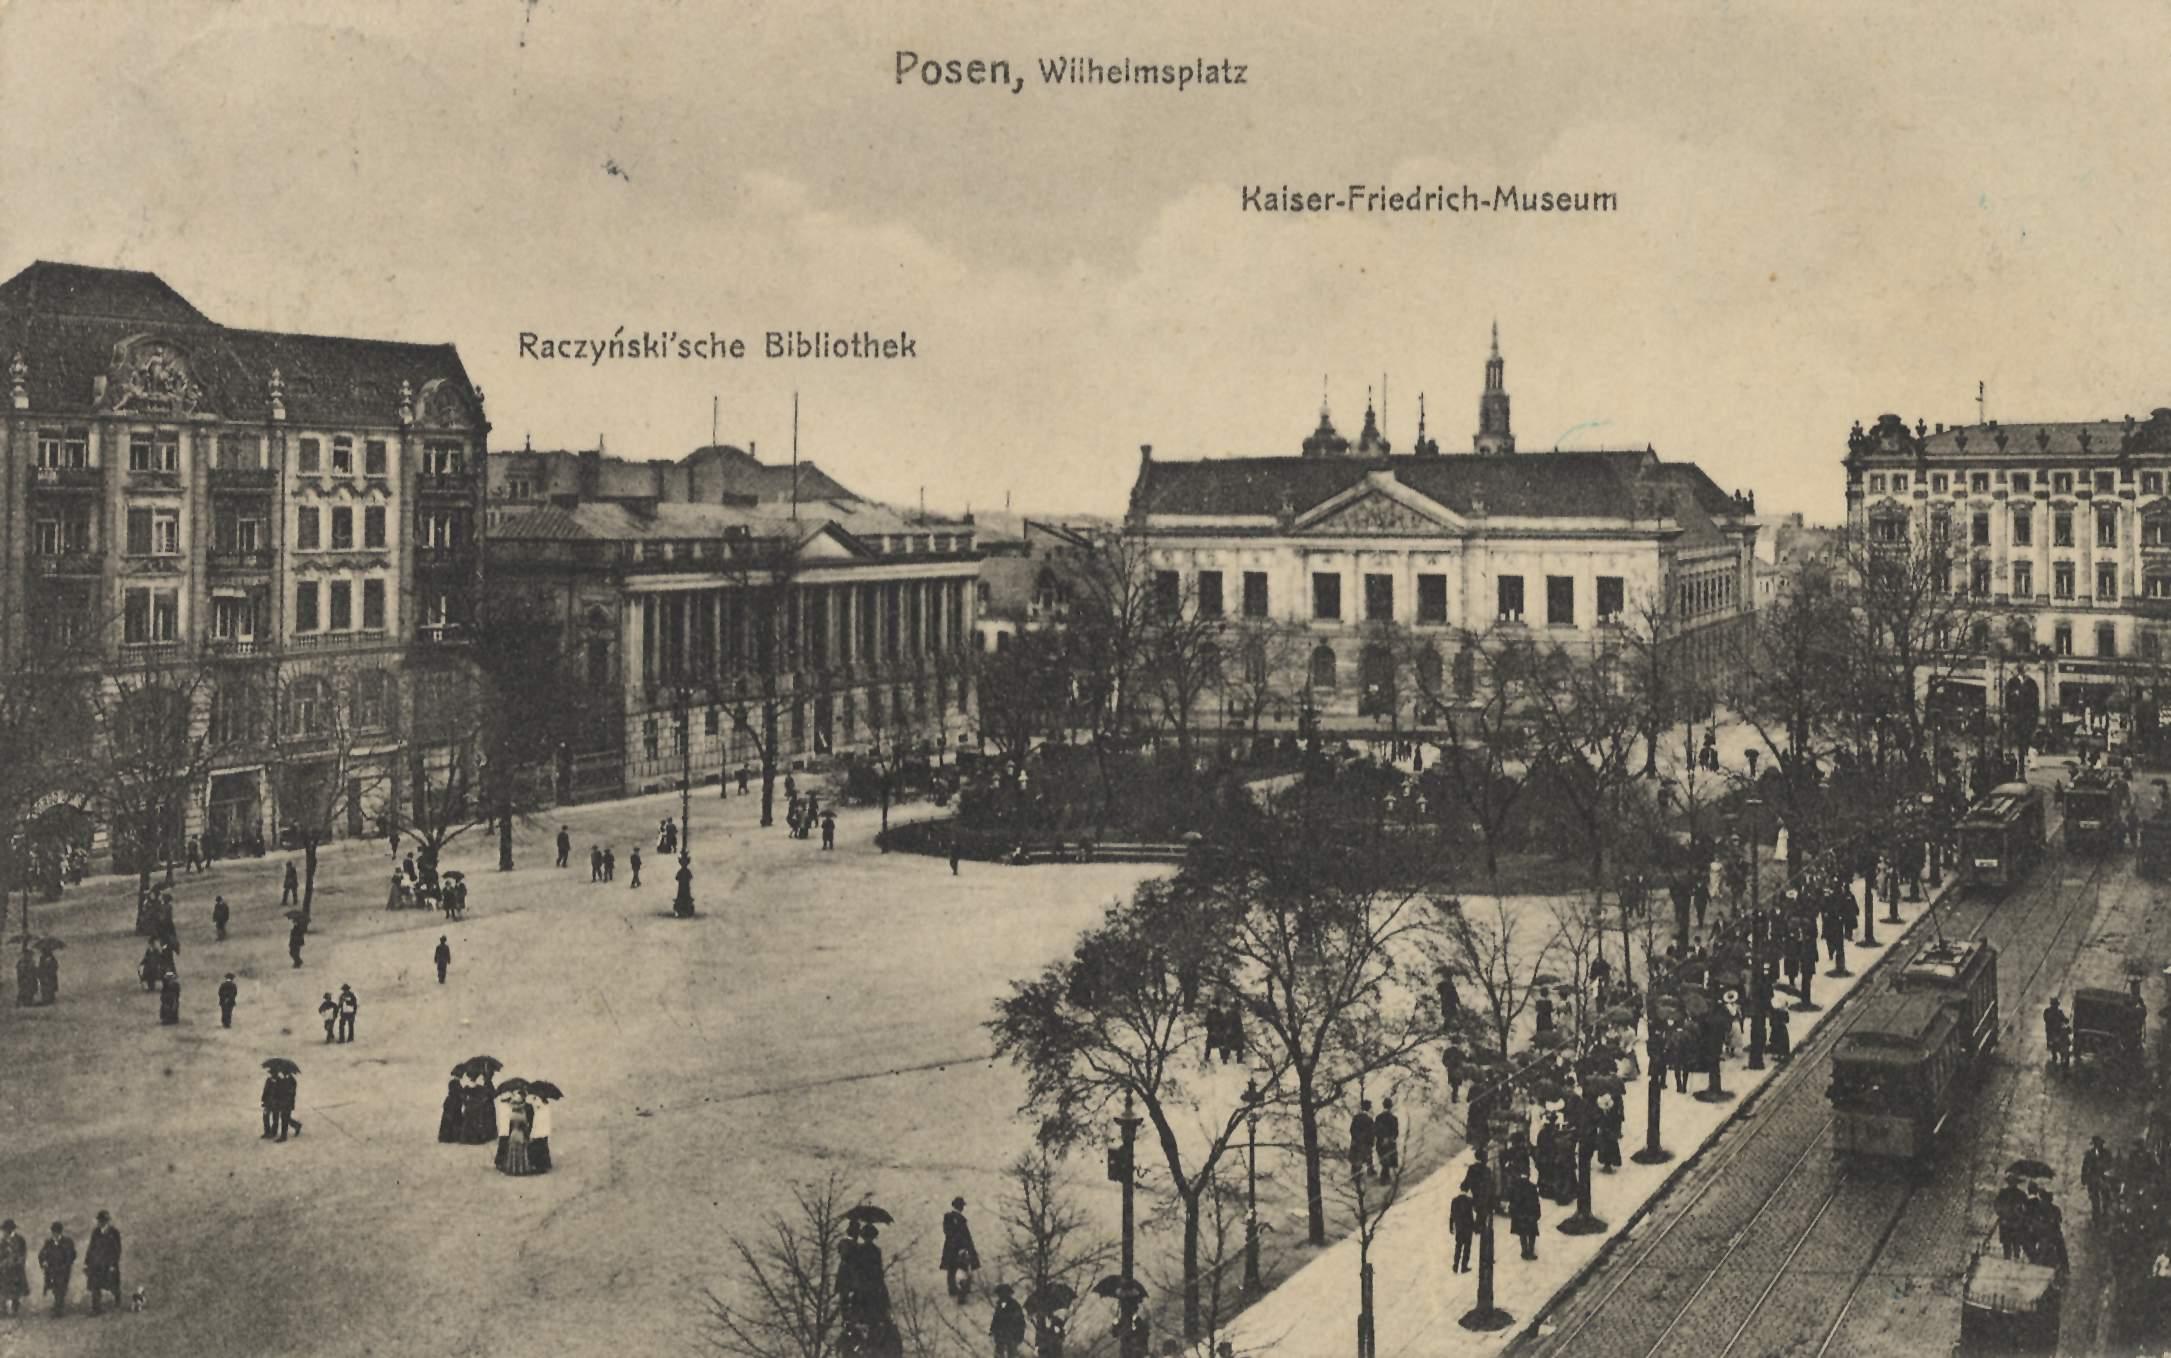 Posen Posen Wilhelmsplatz Raczyskische Bibliothek Kaiser